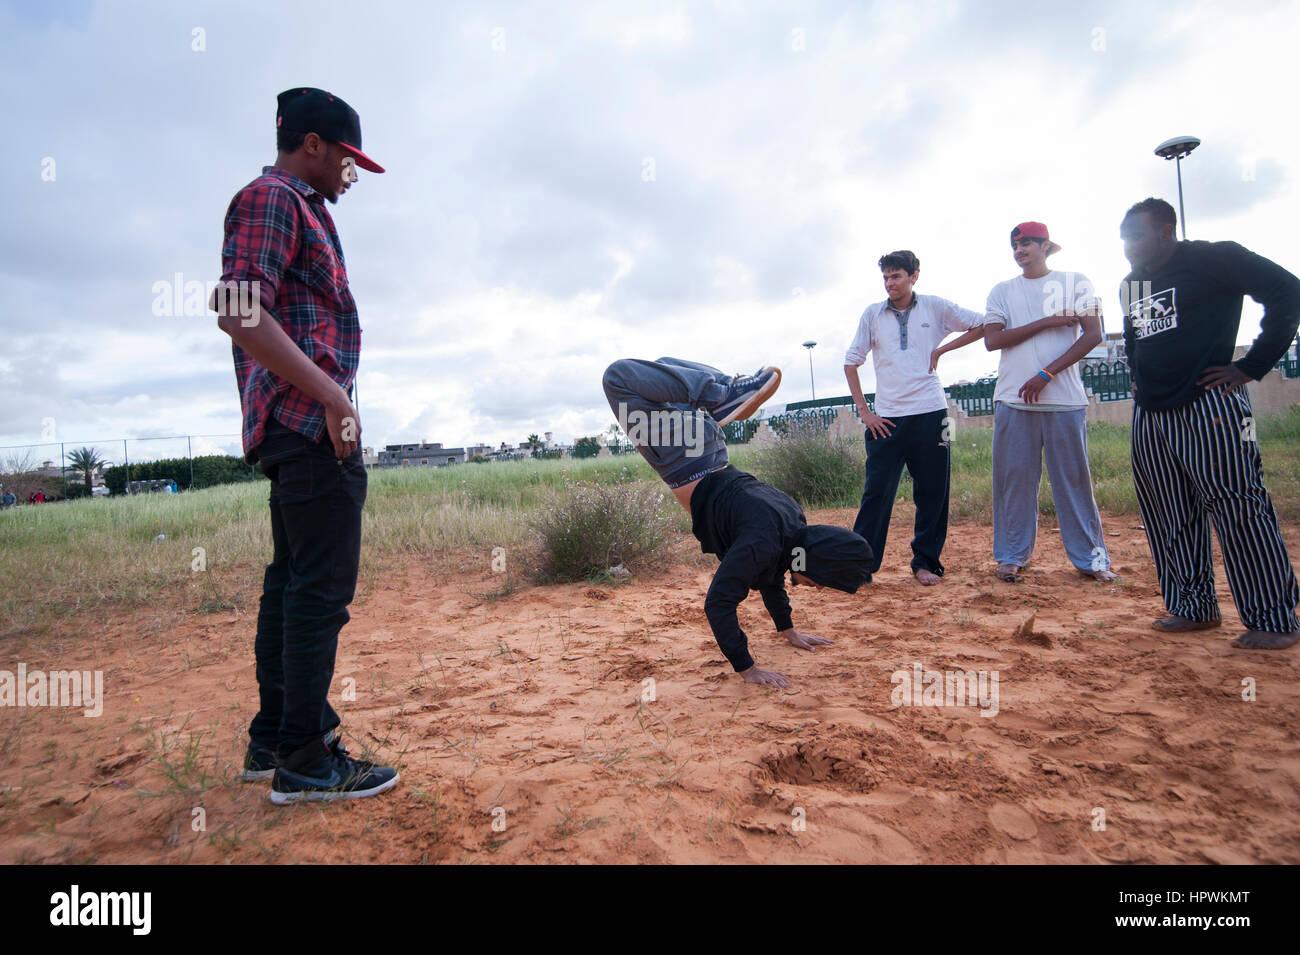 La Libye, Tripli: jeunes hommes pratiquant parkour se déplace. Photo Stock